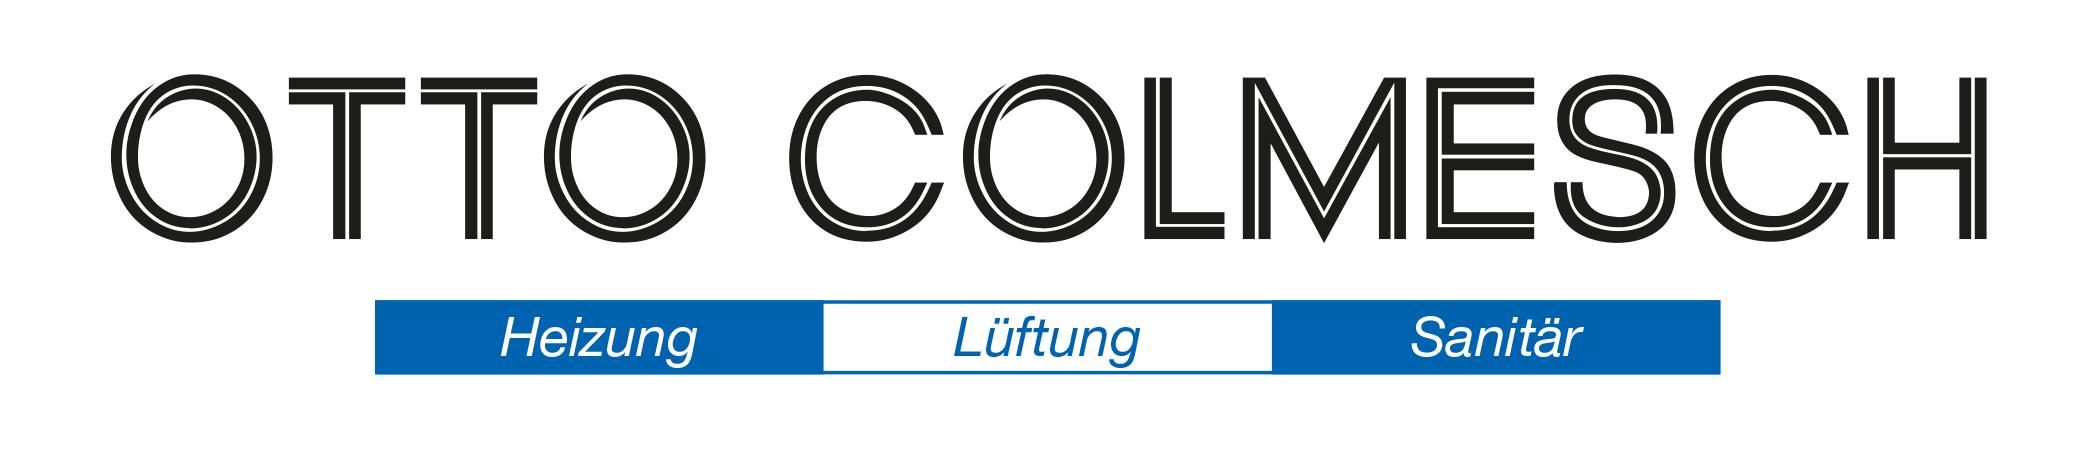 Colmesch - Heizung Lüftung Sanitär